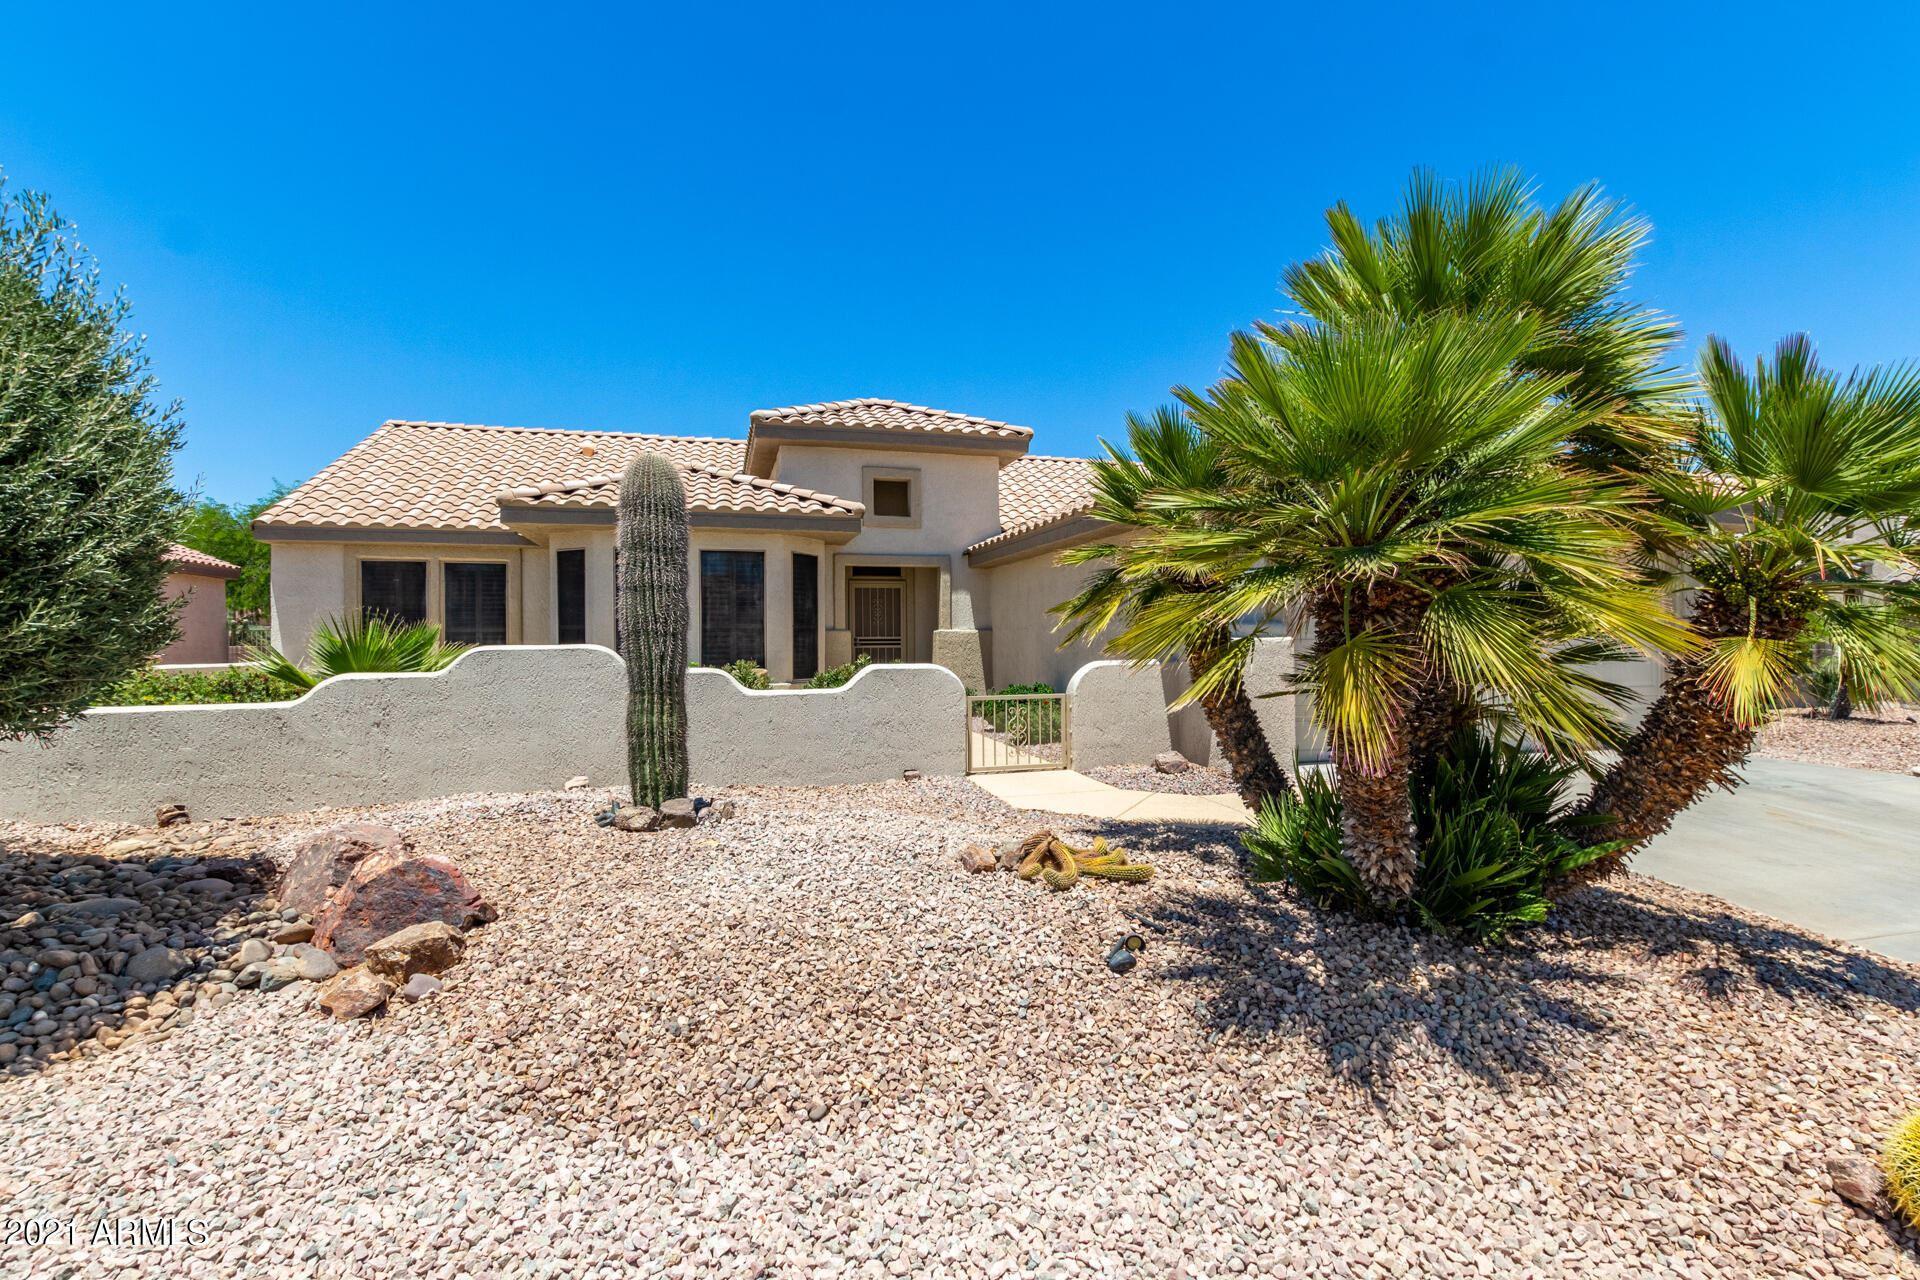 16416 W BOULDER VISTA Drive, Surprise, AZ 85374 - MLS#: 6239574